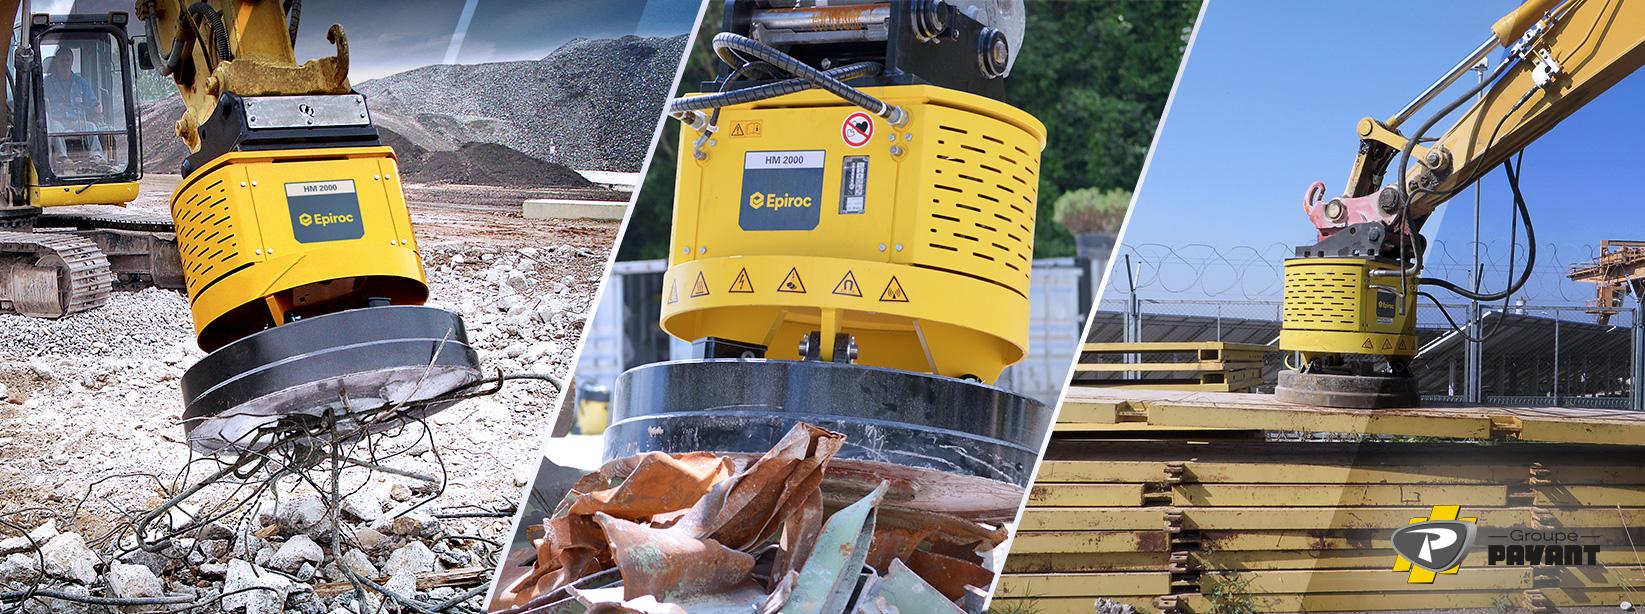 Aimants Hydrauliques pour Excavatrice Epiroc